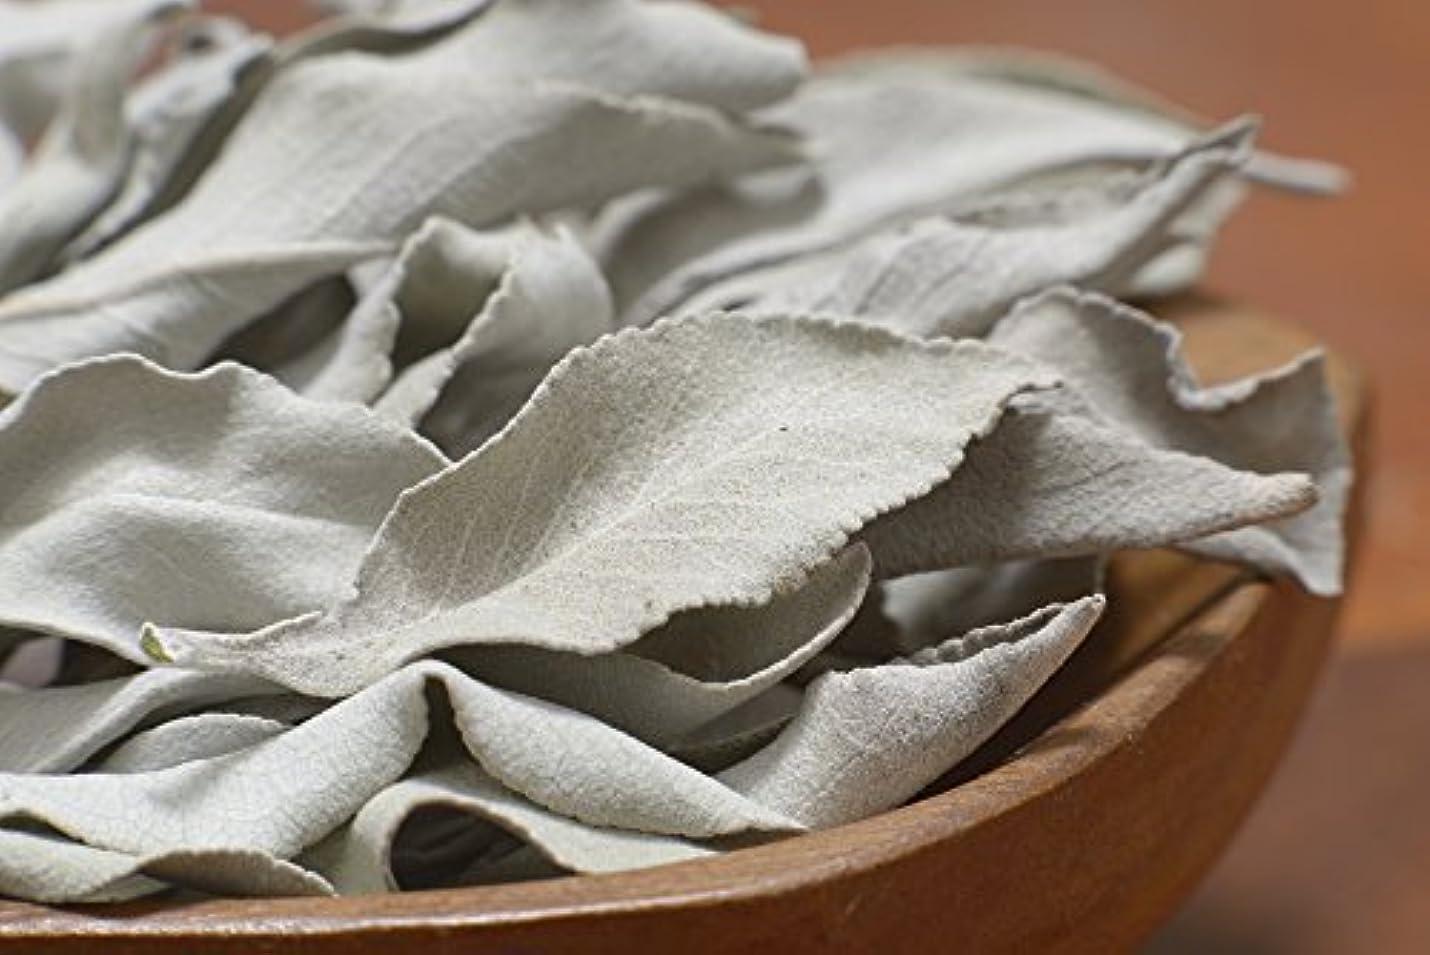 エンジンナインへメイト最高級カリフォルニア産オーガニック ホワイトセージ 50g入り (葉+茎タイプ) 無農薬栽培 浄化用 スマッジング用として